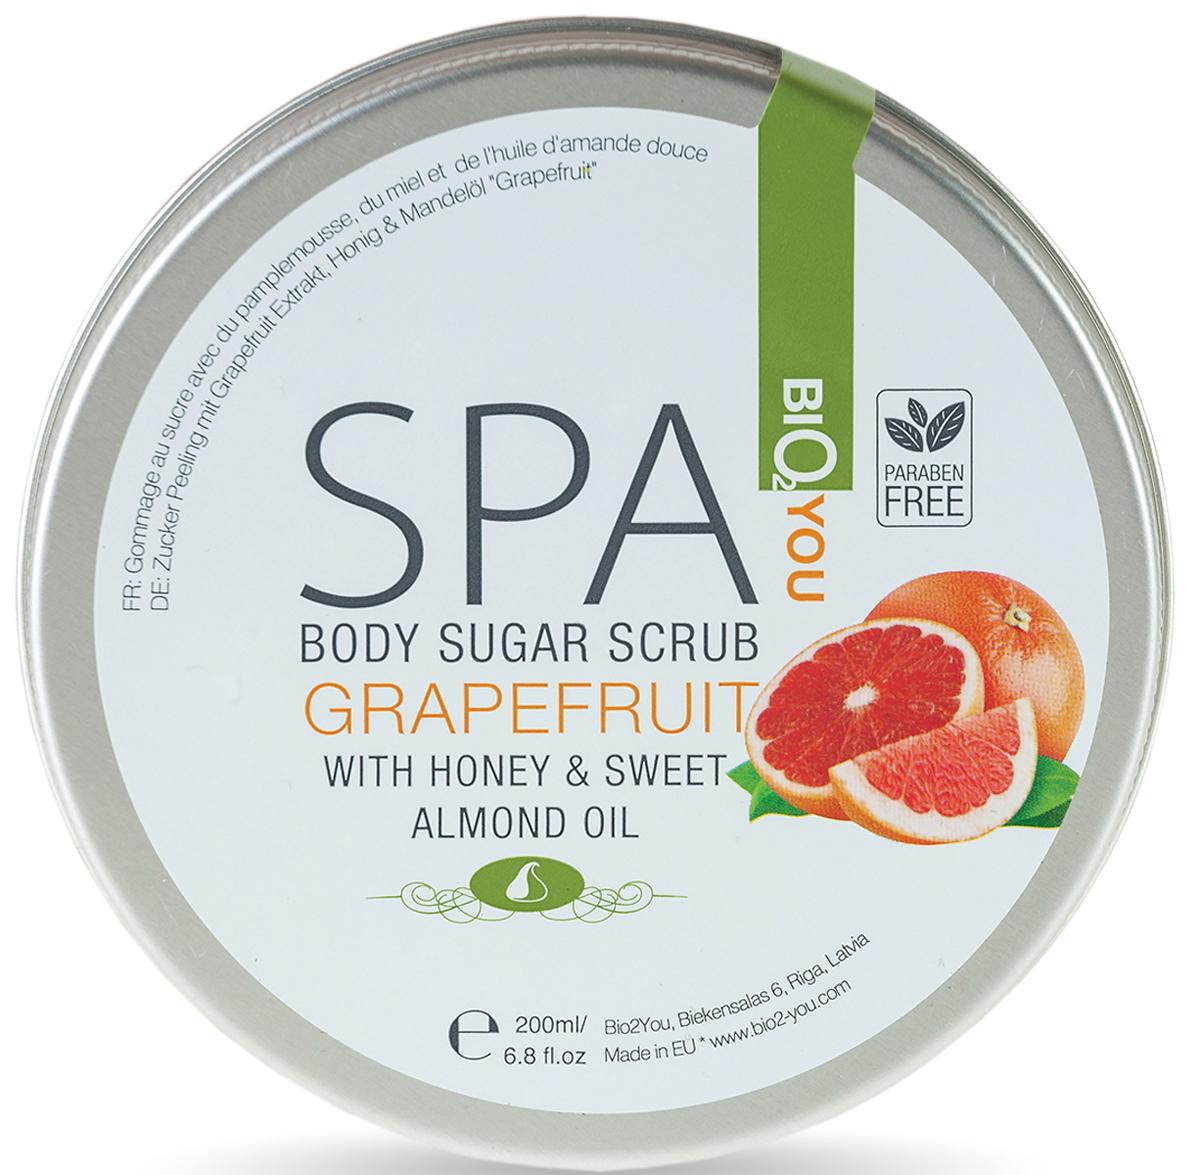 BIO2You Сахарный скраб с медом и маслом сладкого миндаля Грейпфрут, 200 млAC-1121RDОчищает от загрязняющих веществ, токсинов и мертвых клетoк кожи, одновременно питая и увлажняя ее. Улучшает кровообращение и тонус кожи, стимулирует обновление клеток. Применение: Нанести на влажную кожу, затем смойте теплой водой.